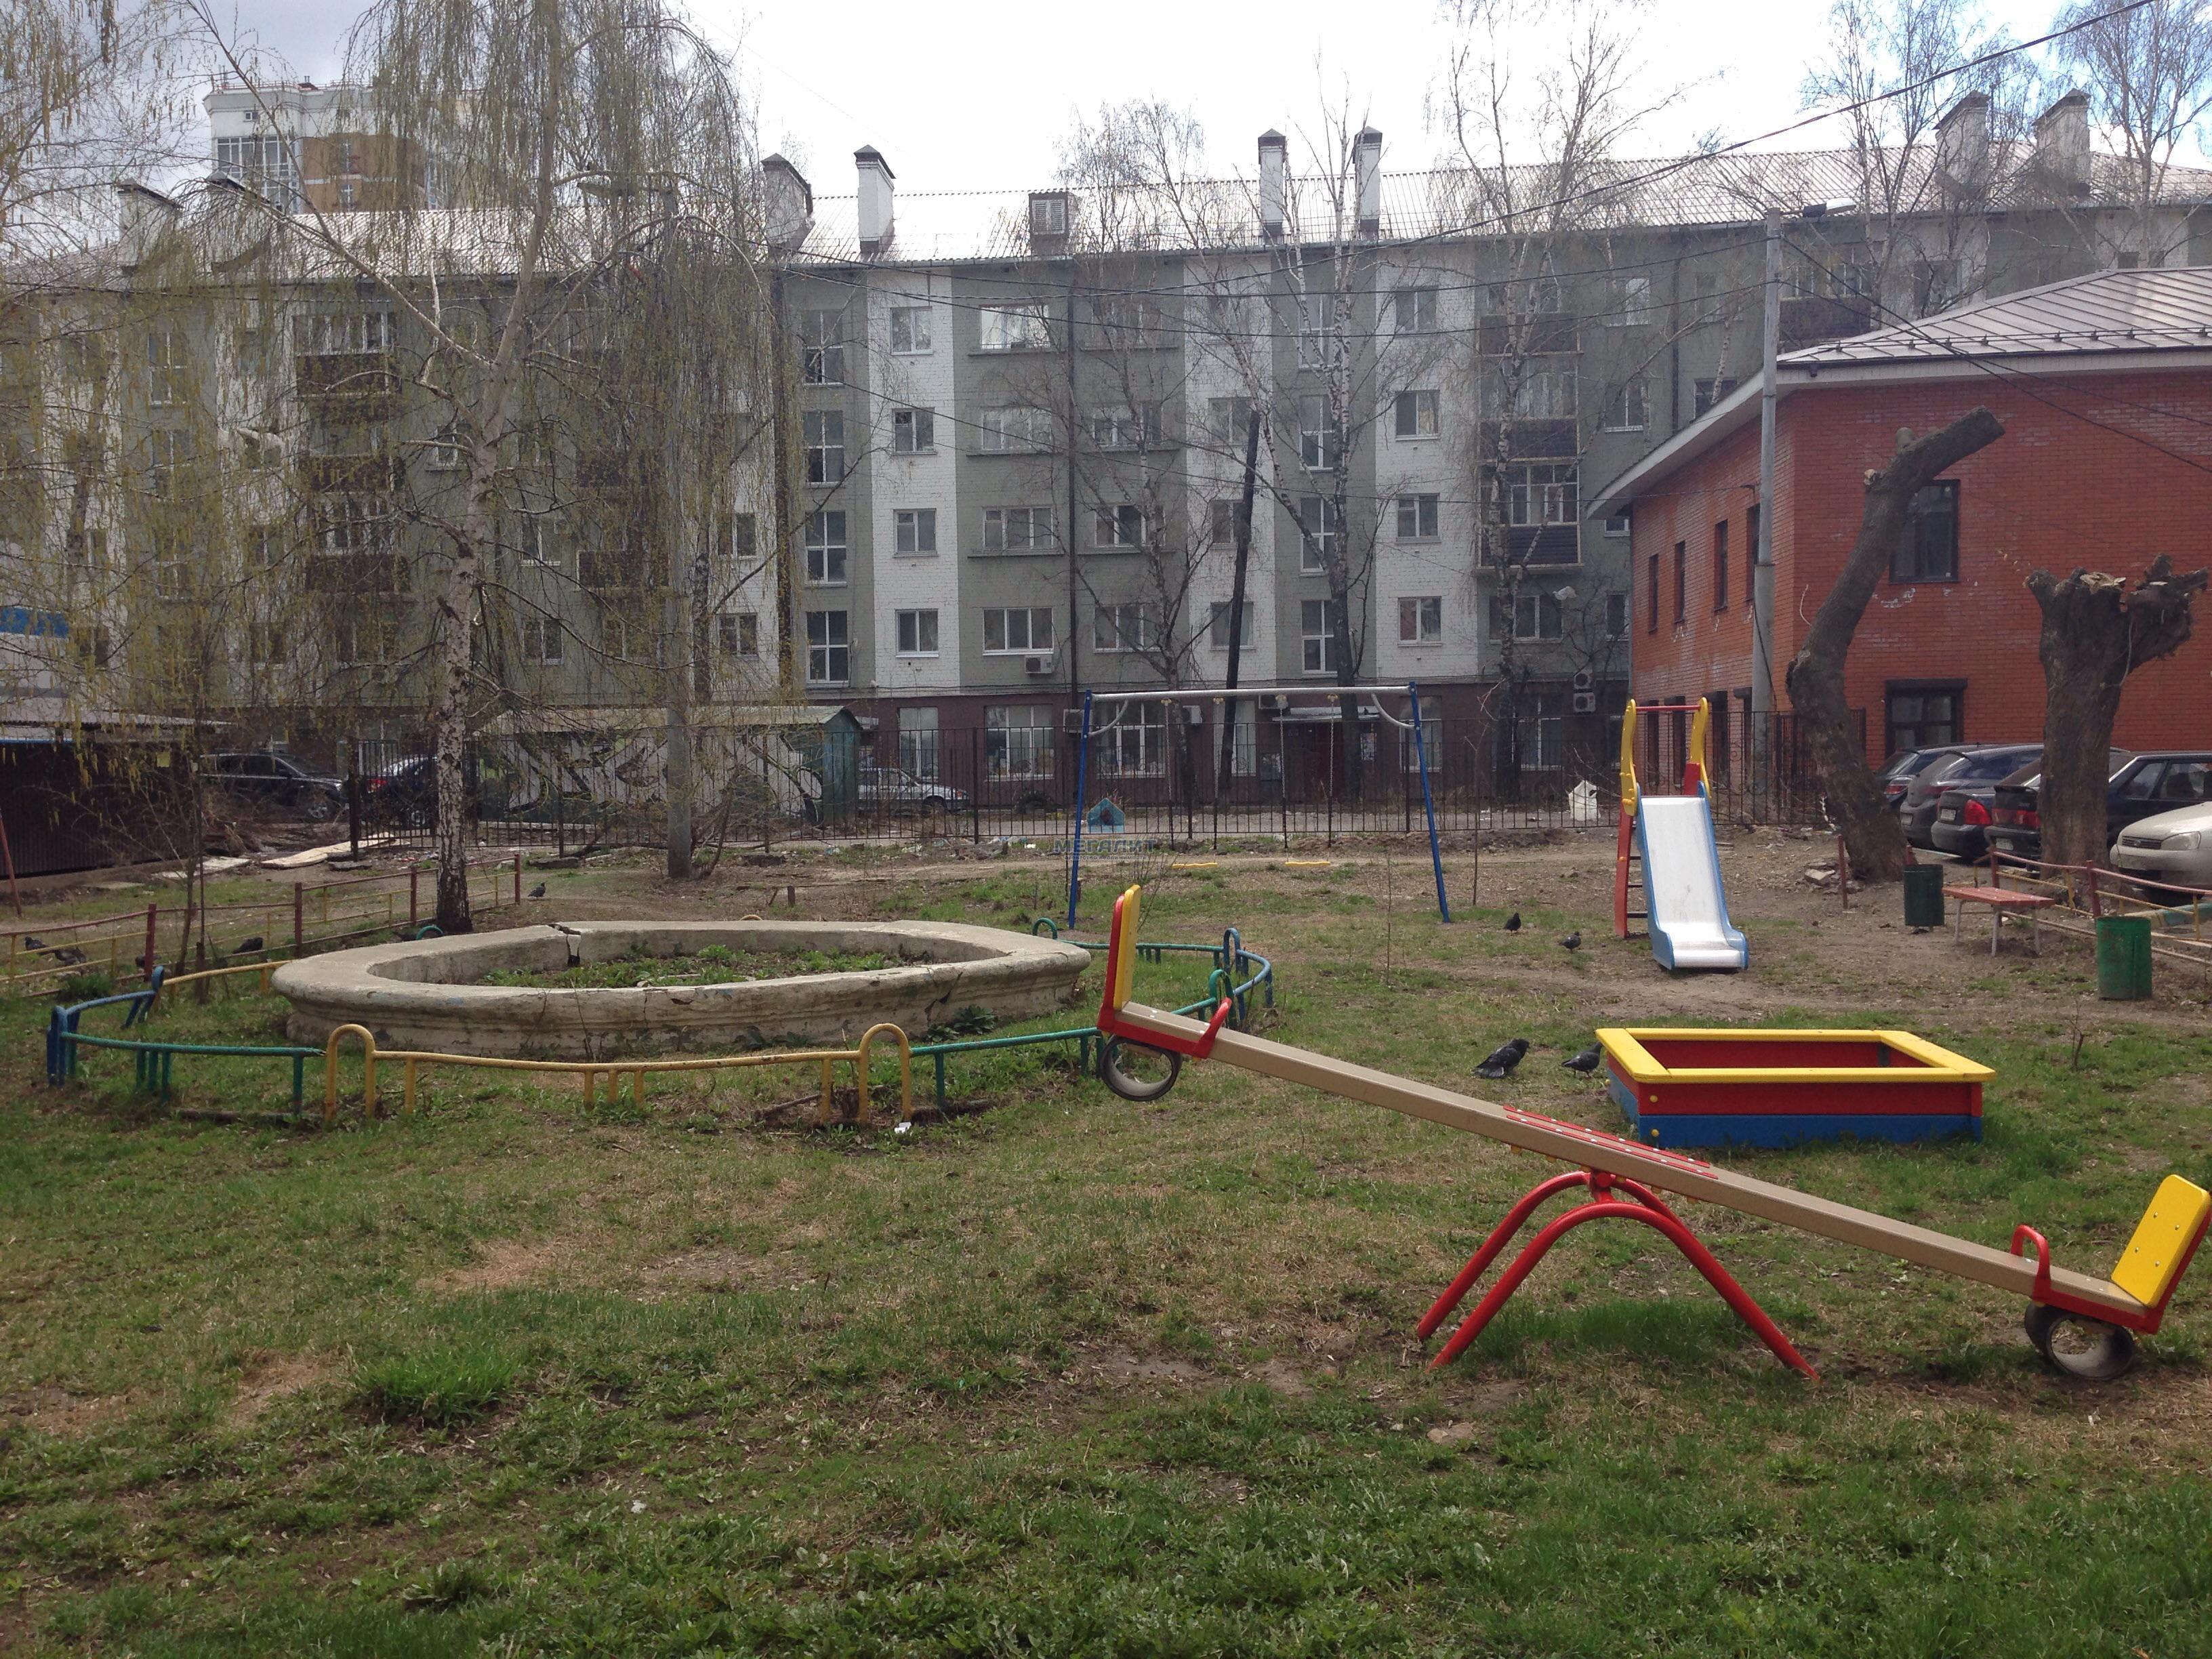 Продажа 2-к квартиры Нурсултана Назарбаева 9/2, 65 м2  (миниатюра №2)